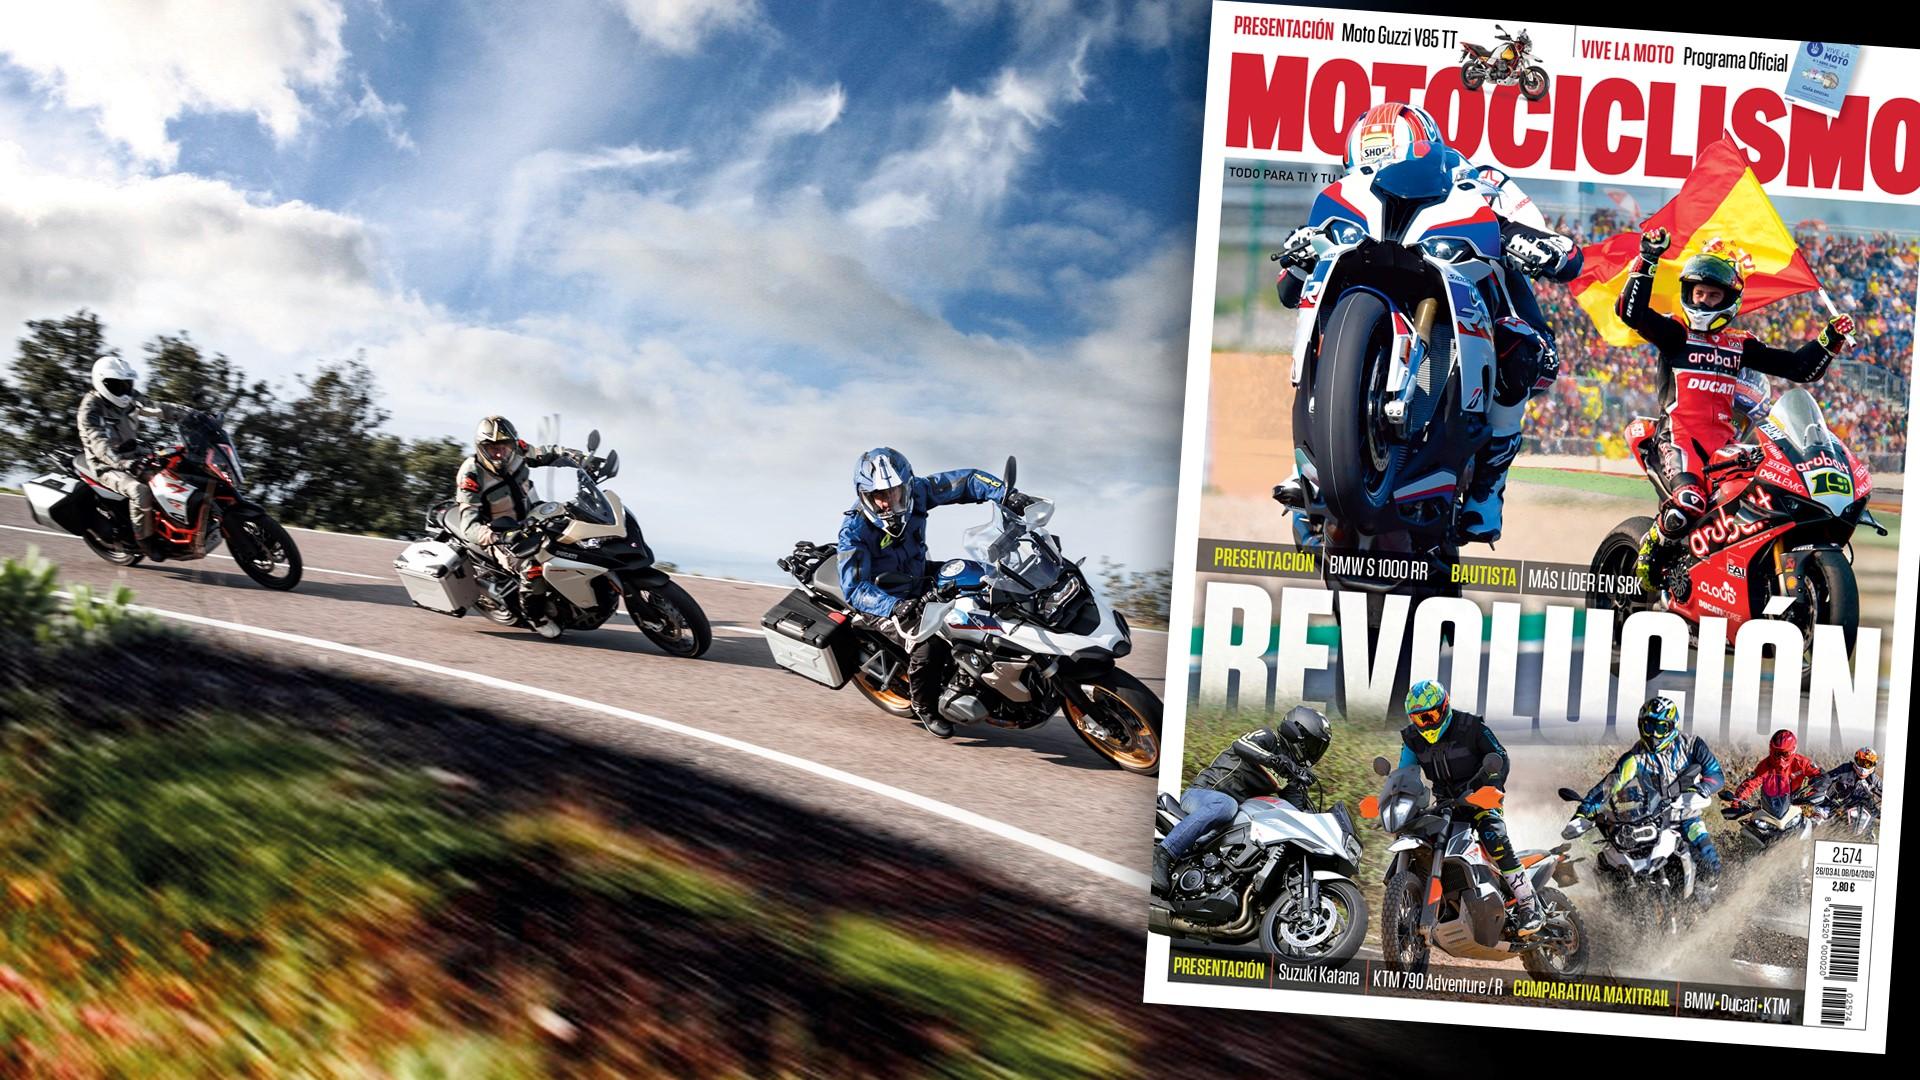 MOTOCICLISMO 2574, contenidos y sumario de la revista